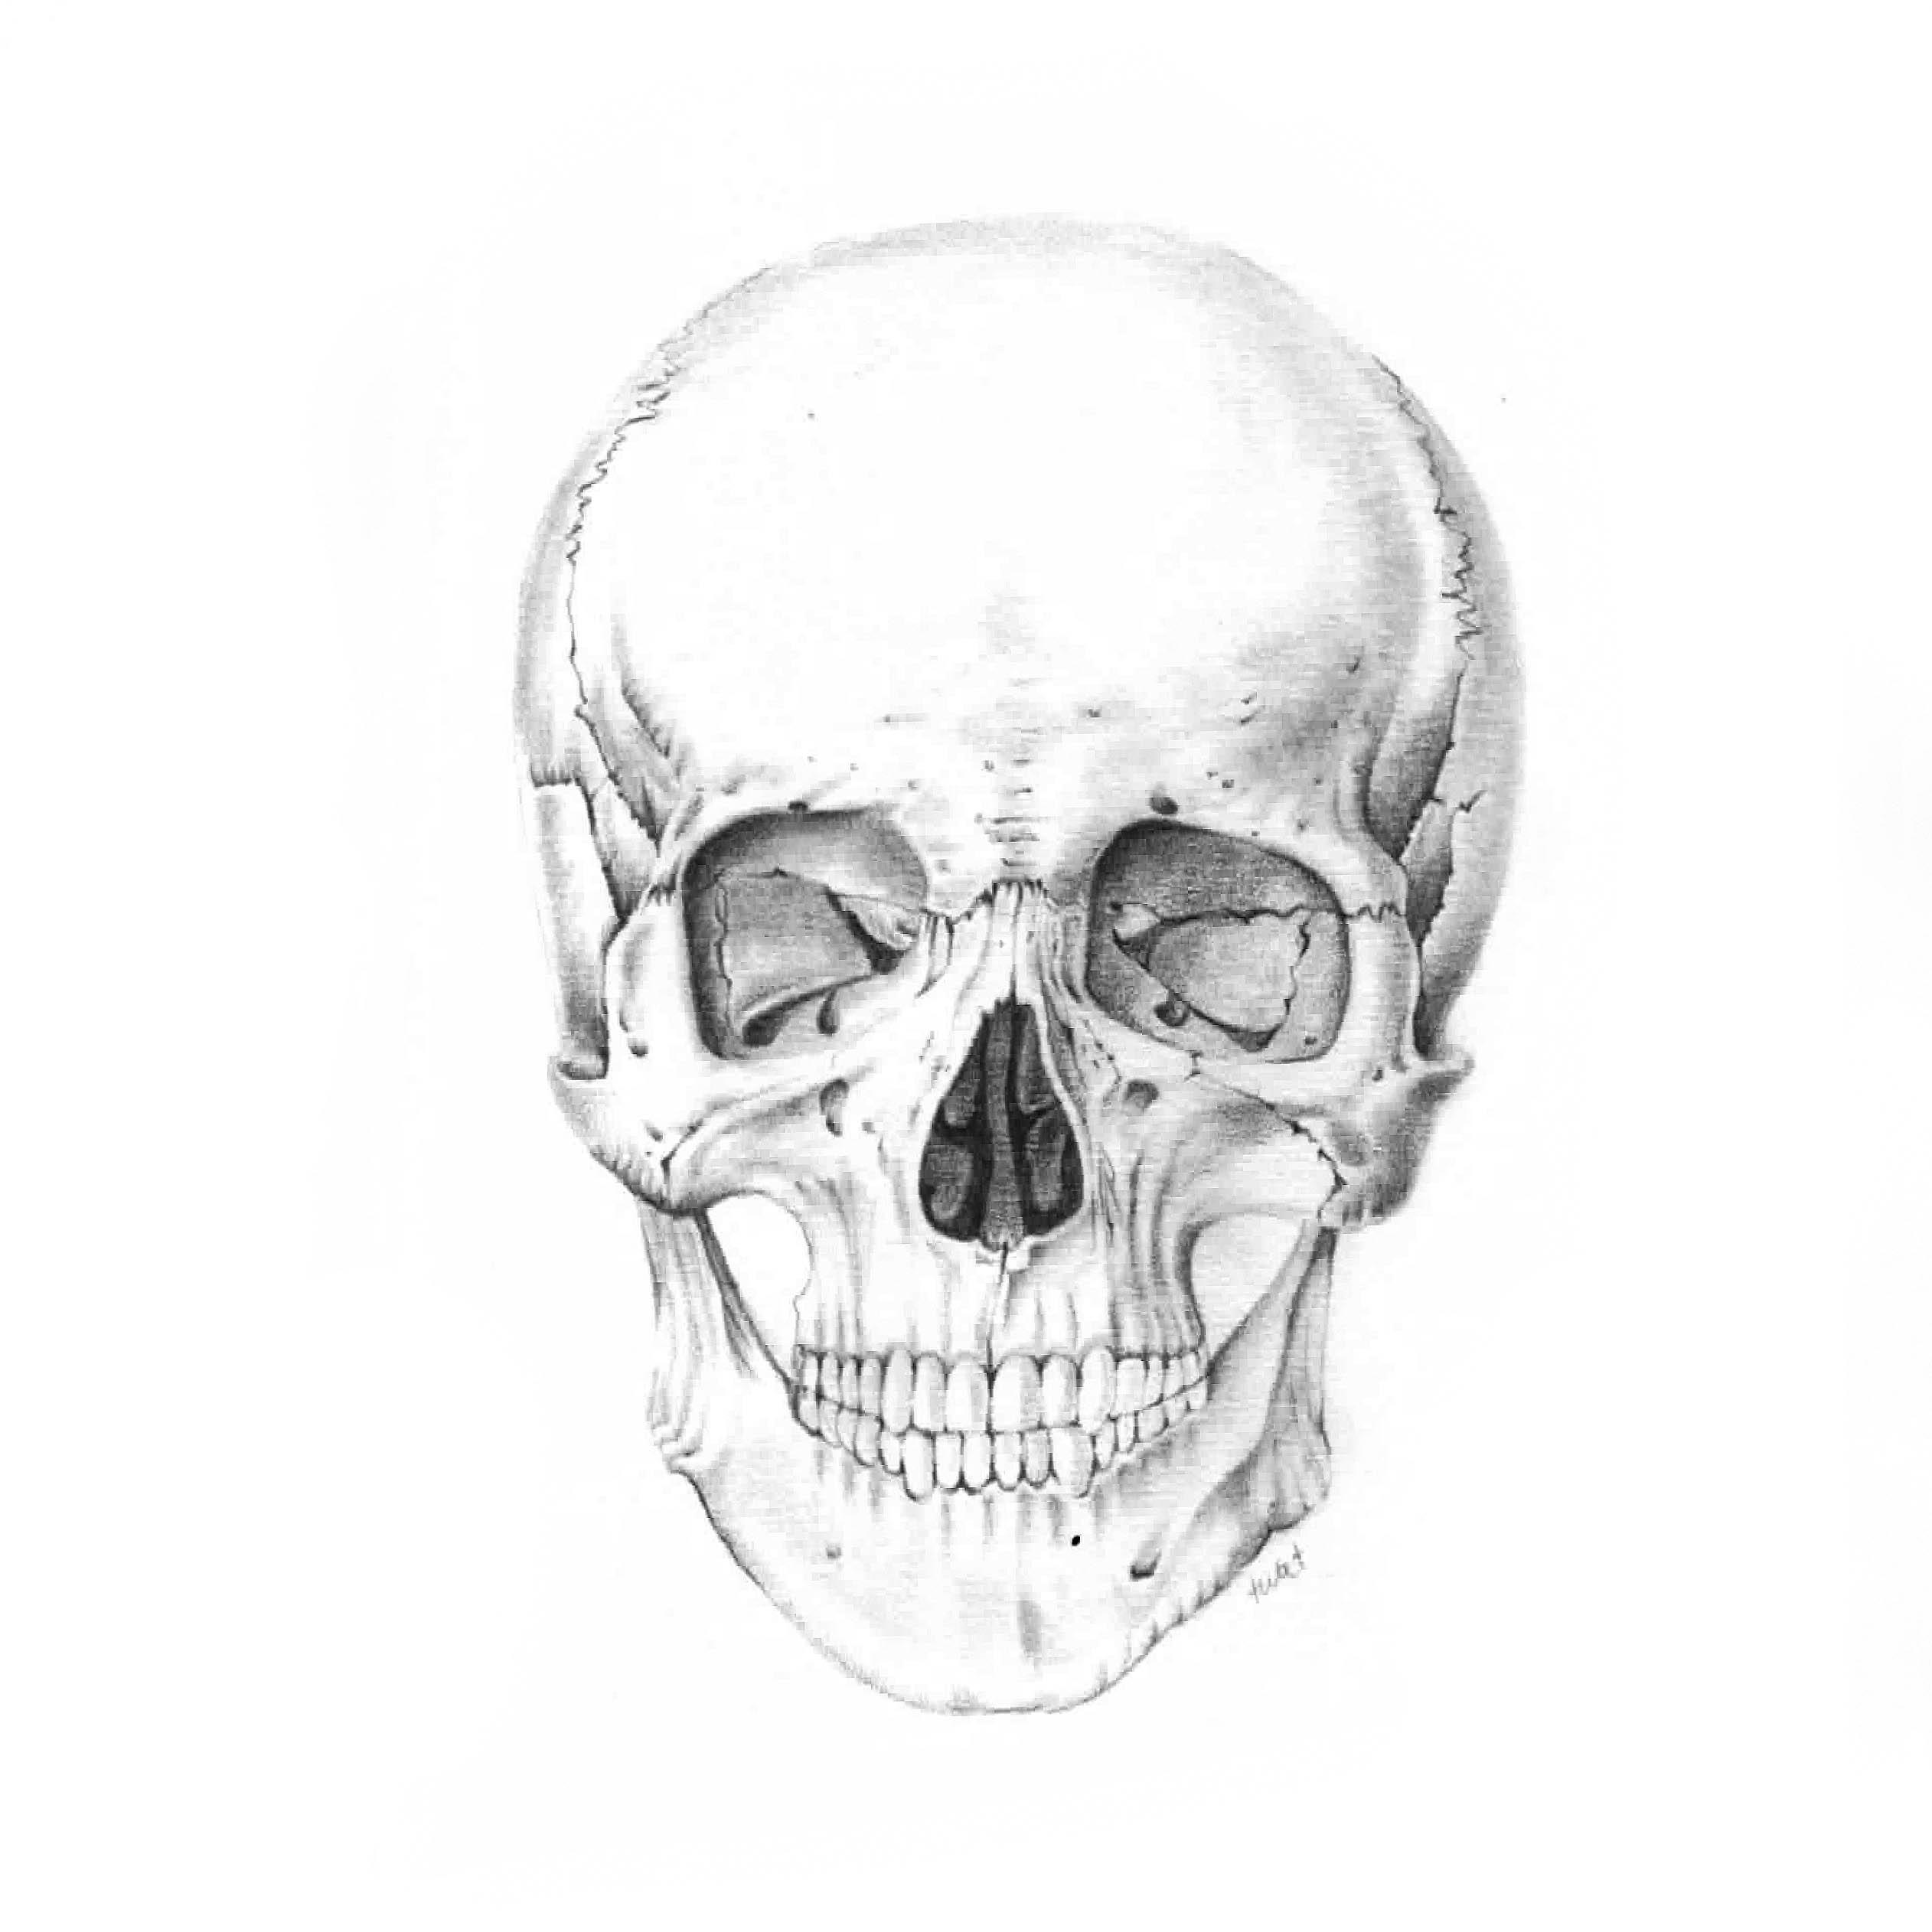 Pencil Illustration - Human Skull